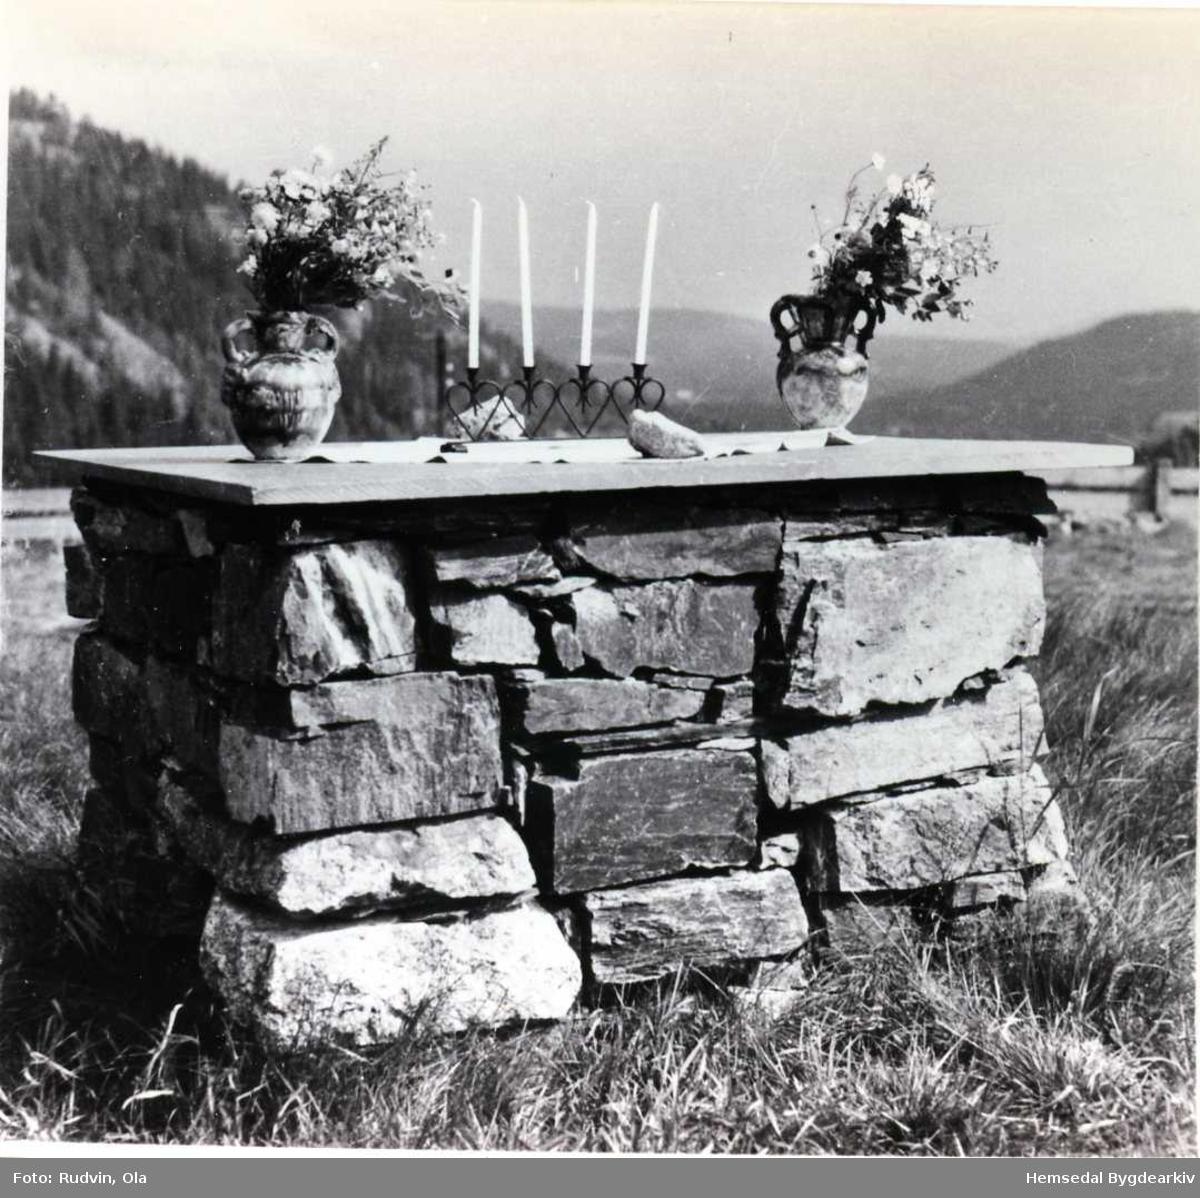 Steinalteret på Hemsedal stavkyrkjetomt, 1966 Minnehøgtid på stavkyrkjetomta 31. juli 1966.